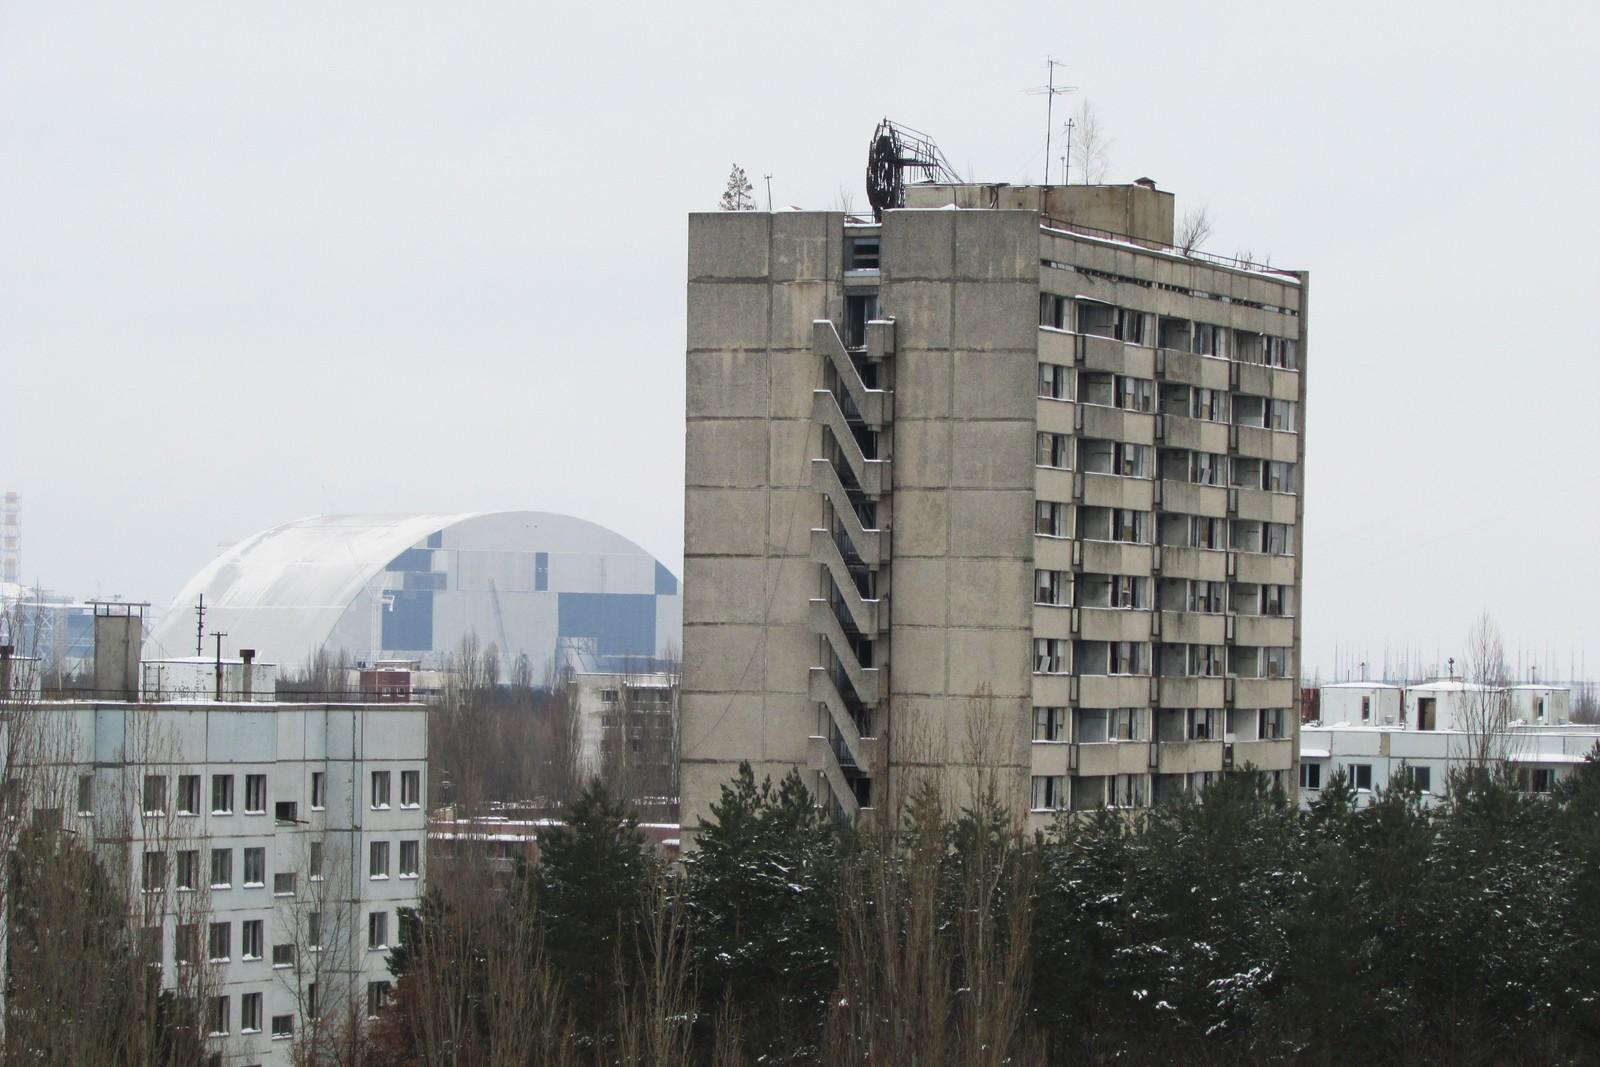 Den nye stålsarkofagen som skal dekke Reaktor nummer fire sees fra takene til mange av bygningene.